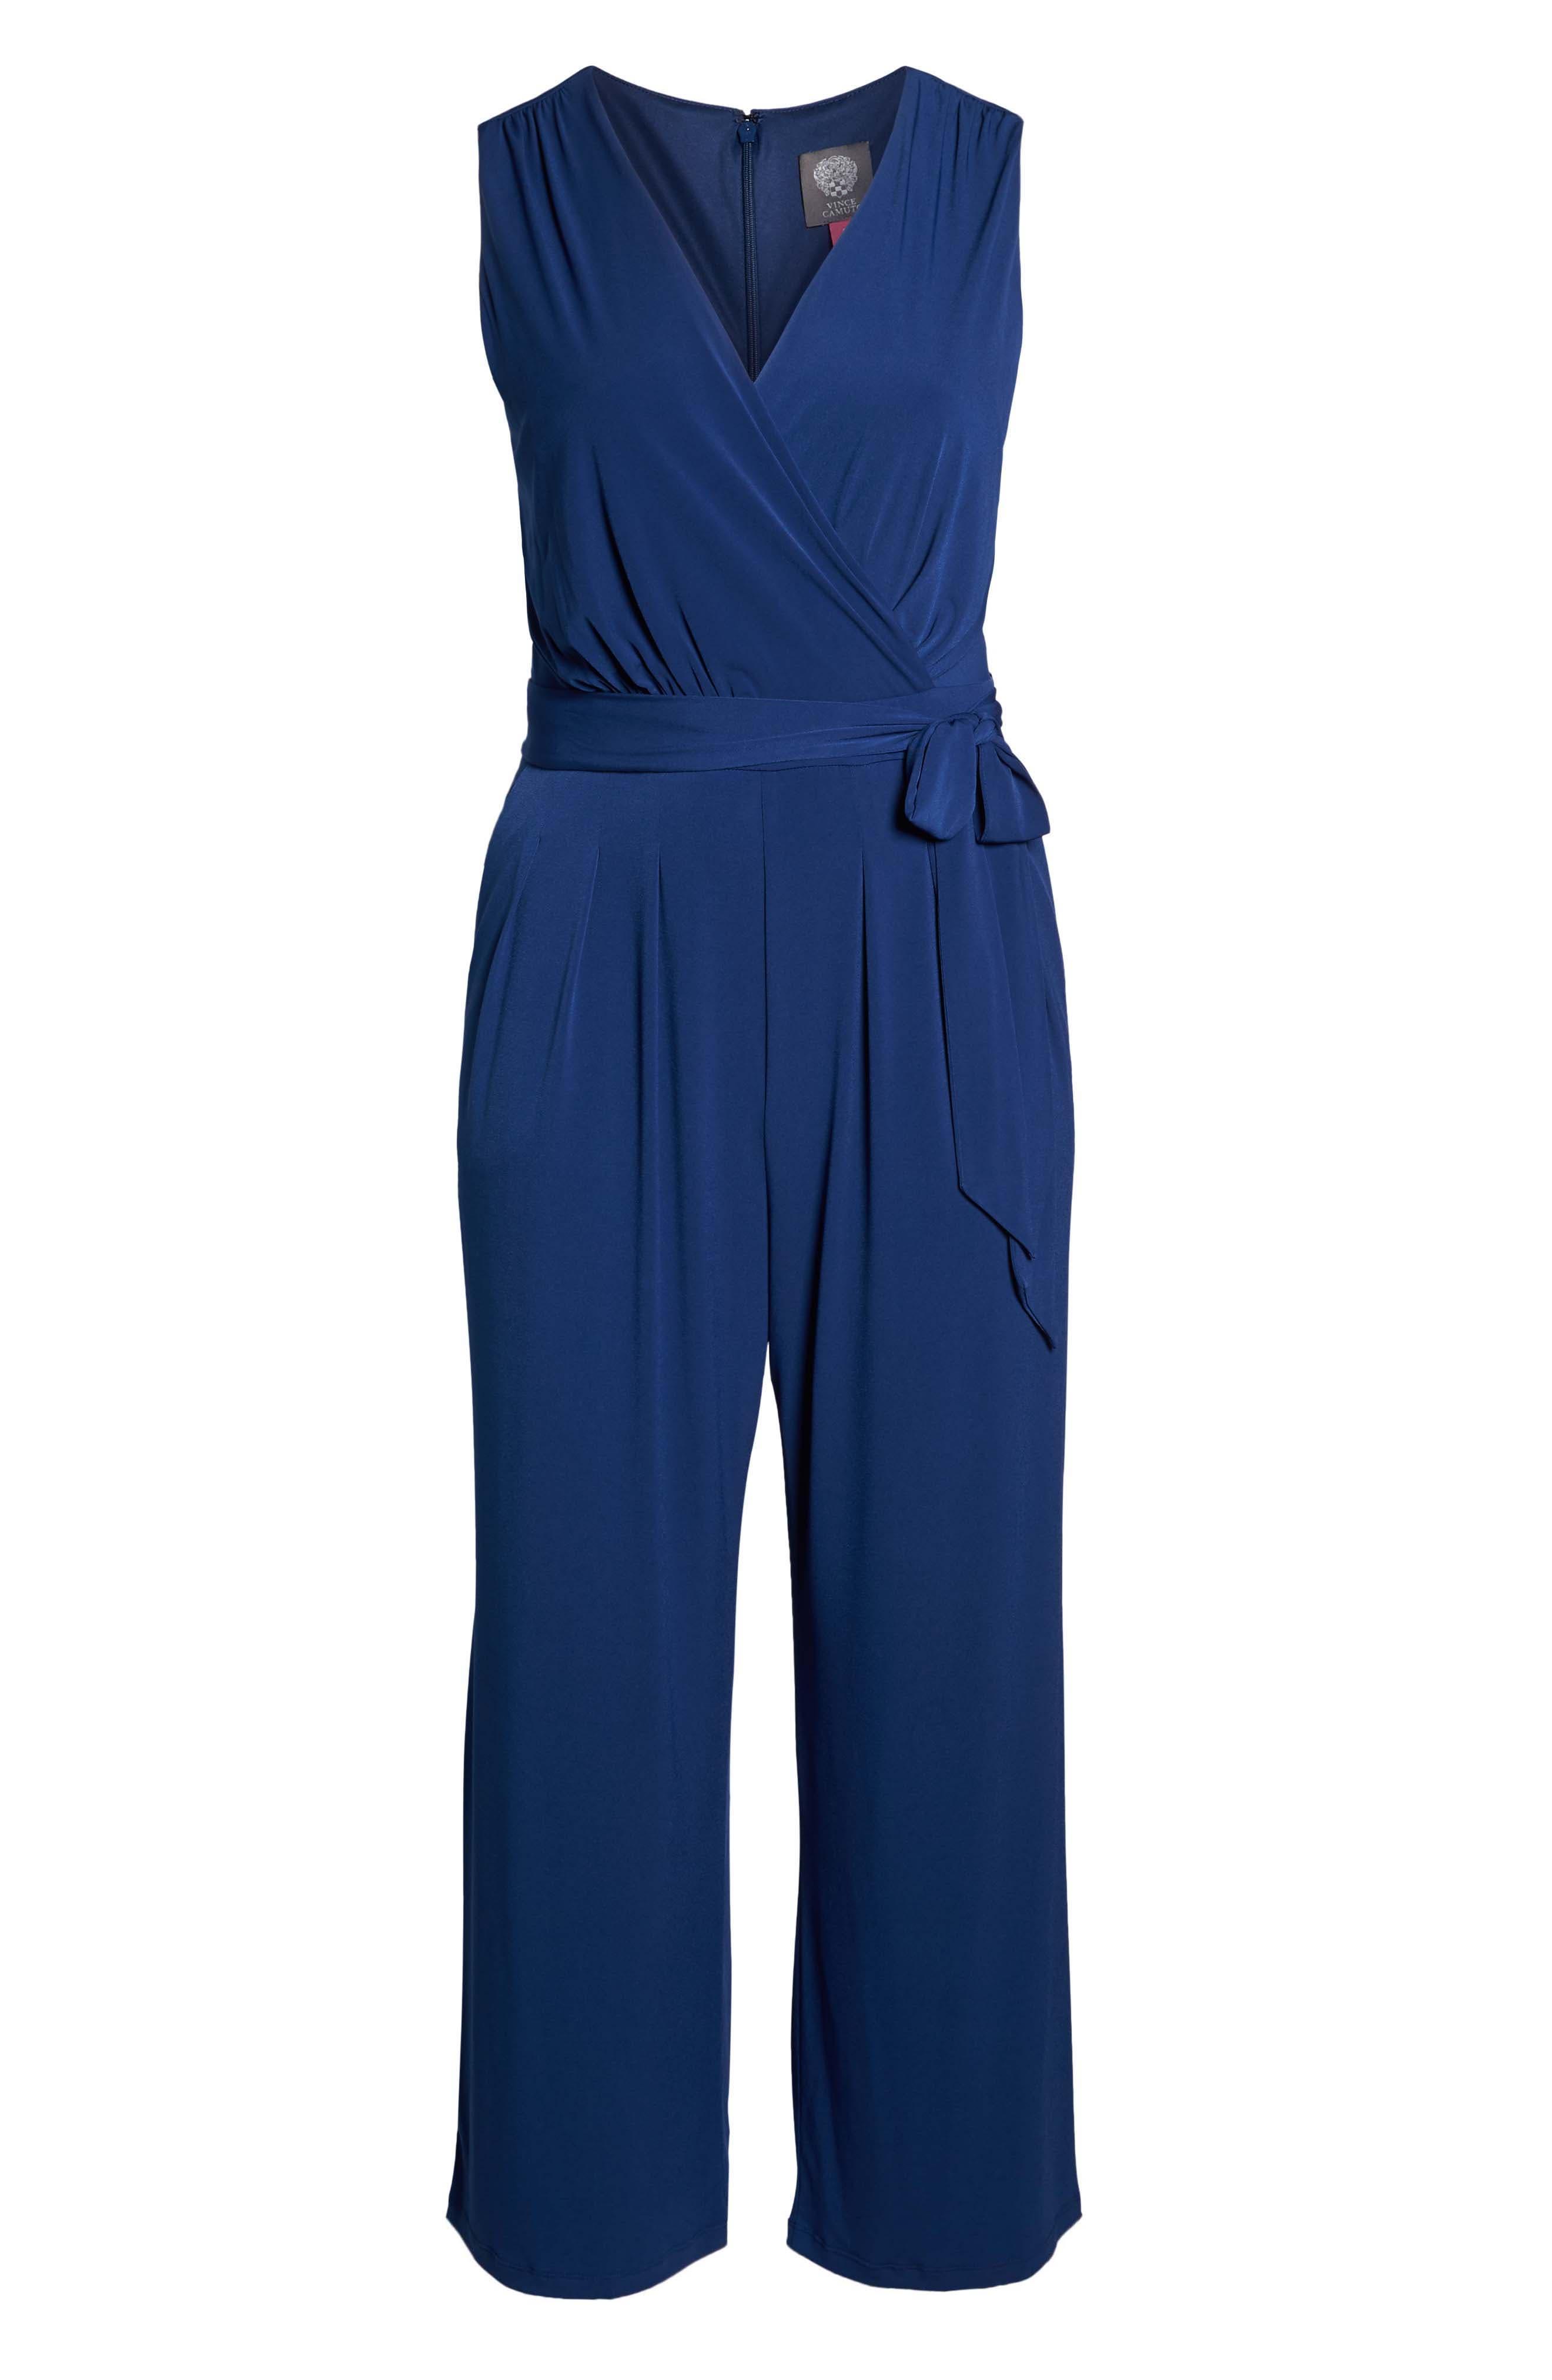 VINCE CAMUTO, Faux Wrap Wide Leg Jumpsuit, Alternate thumbnail 7, color, BLUE